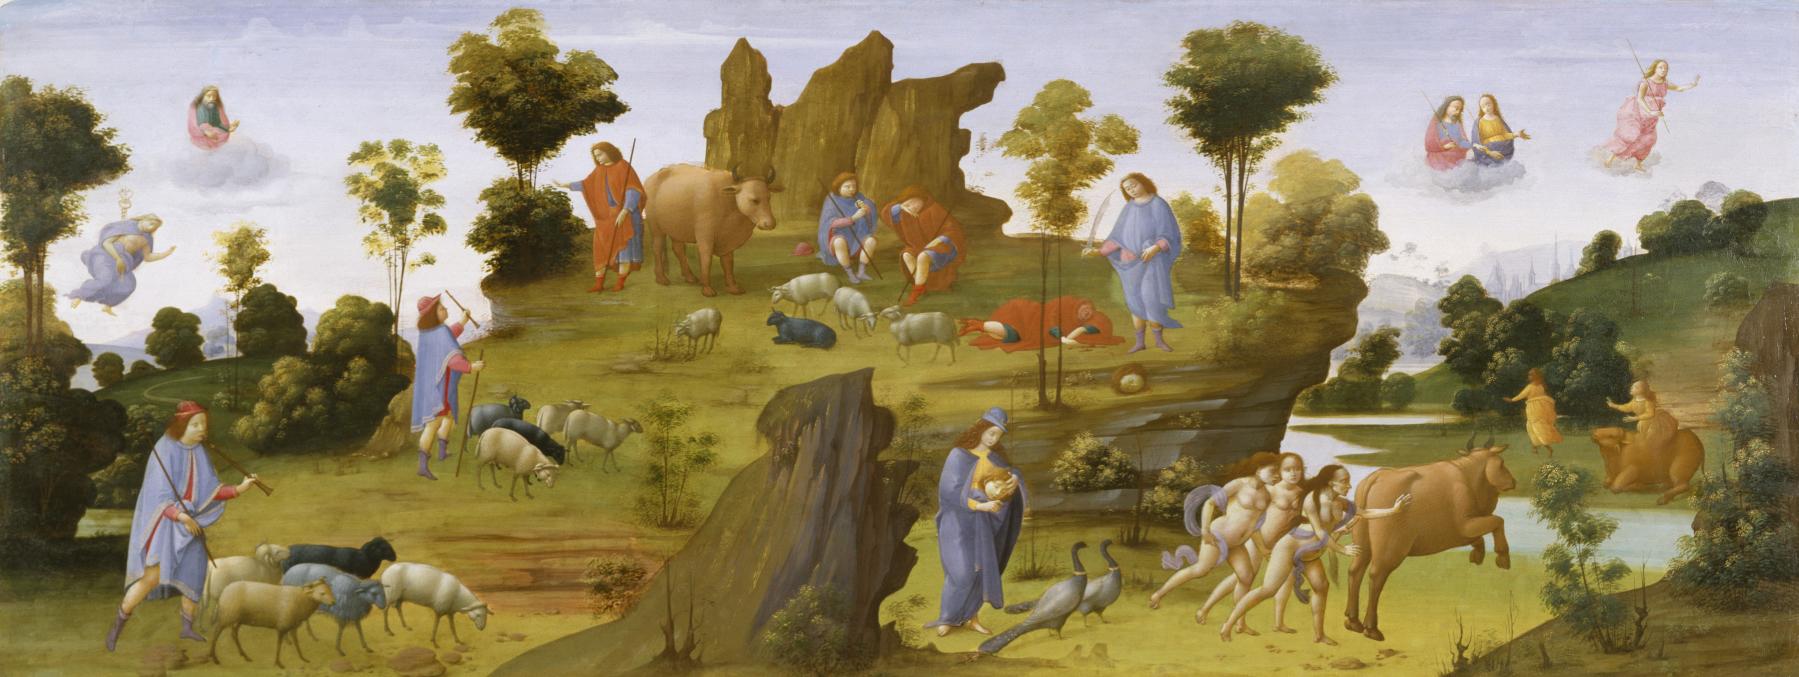 Bartolomeo_di_Giovanni_-_The_Myth_of_Io_-_Walters_37421